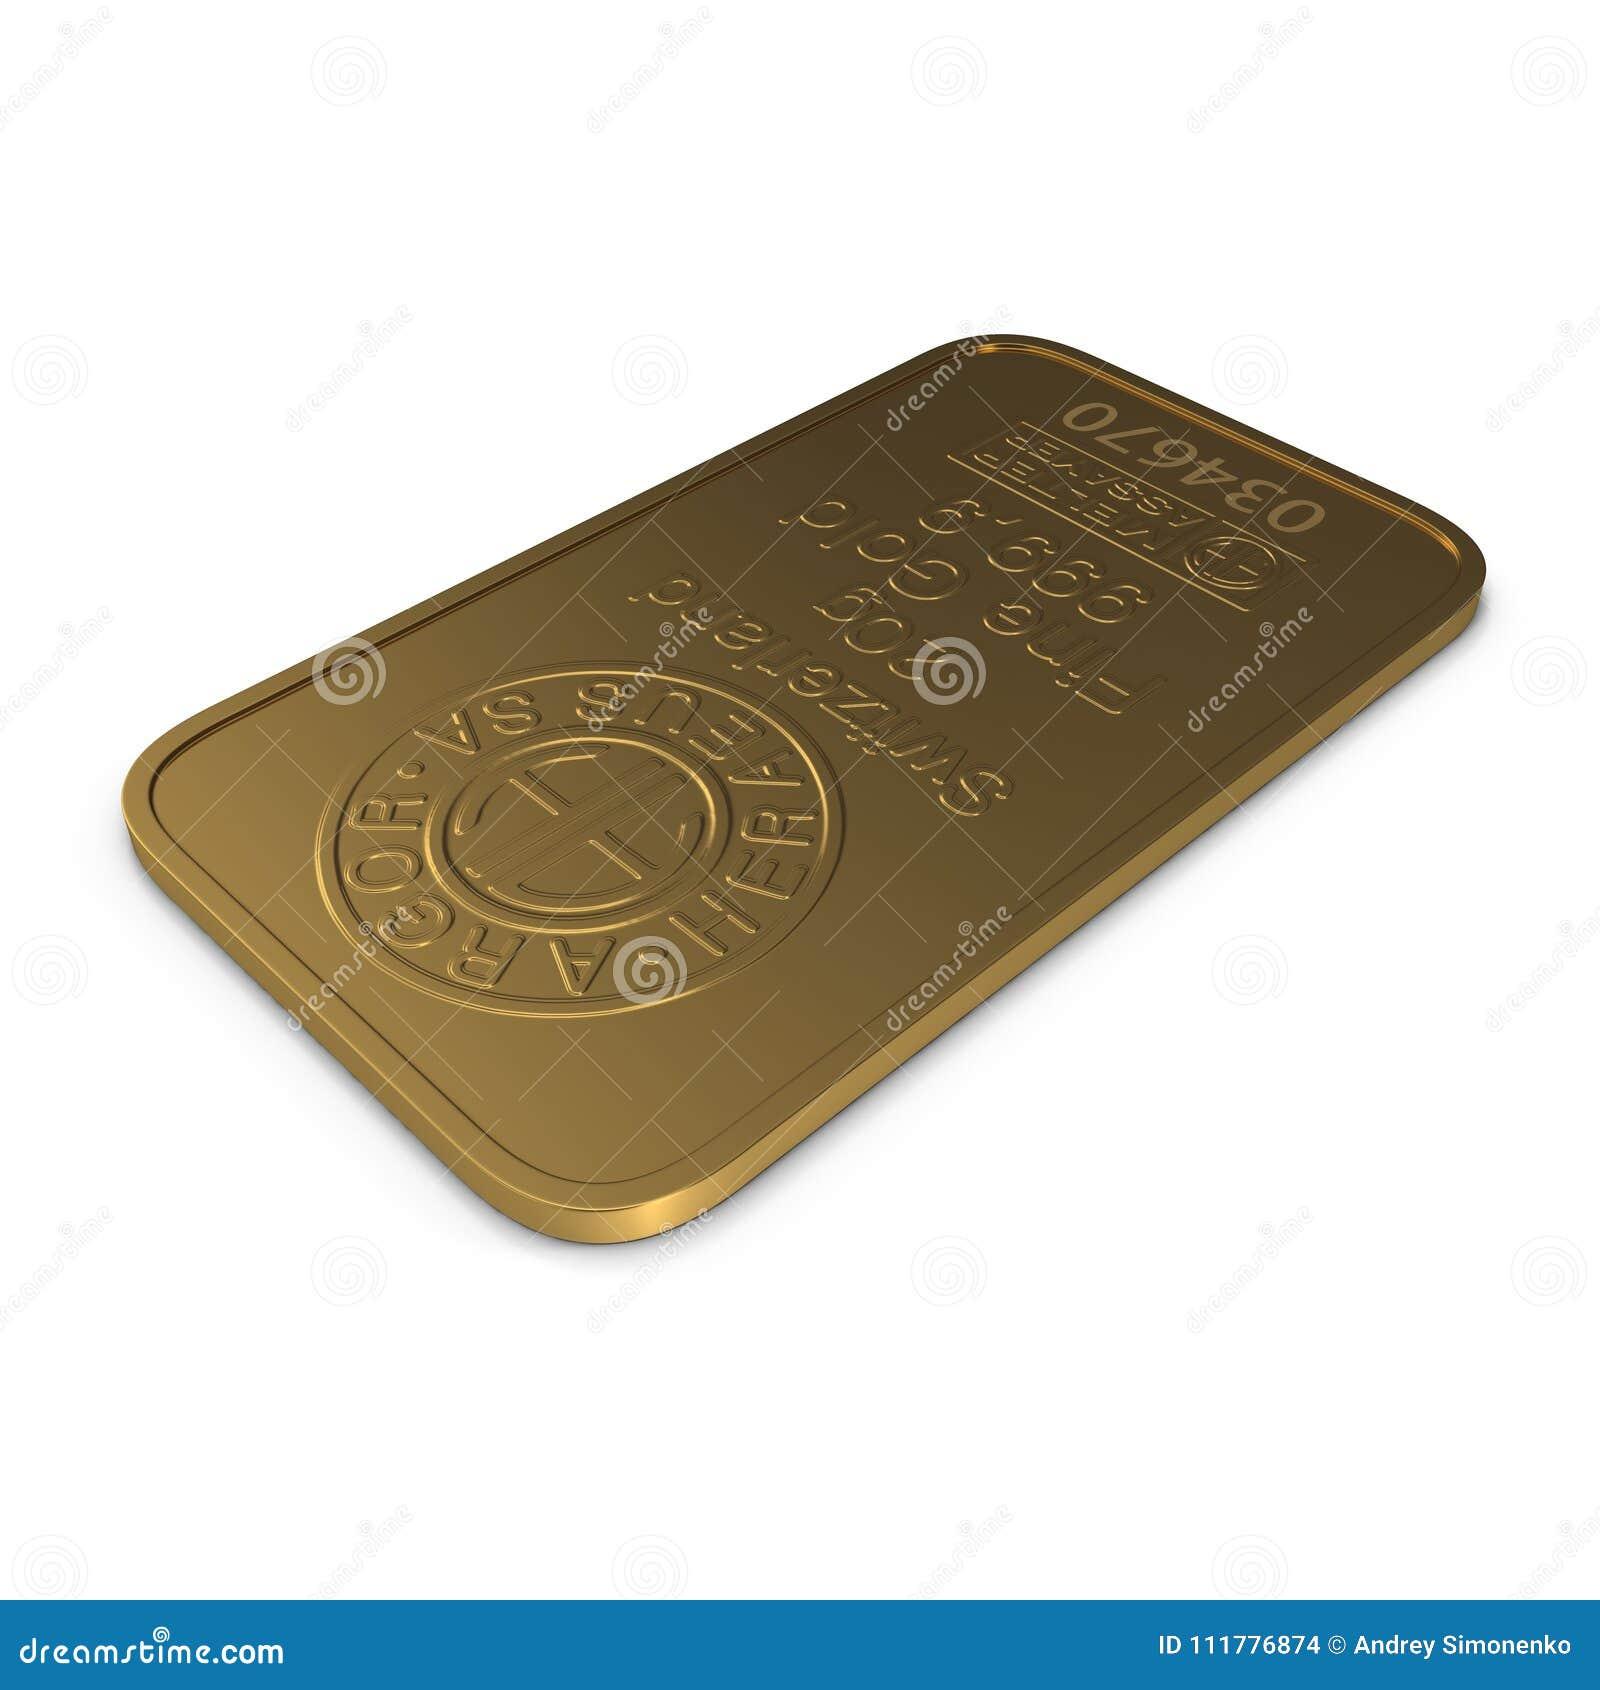 Gold bar 20g isolated on white. 3D illustration